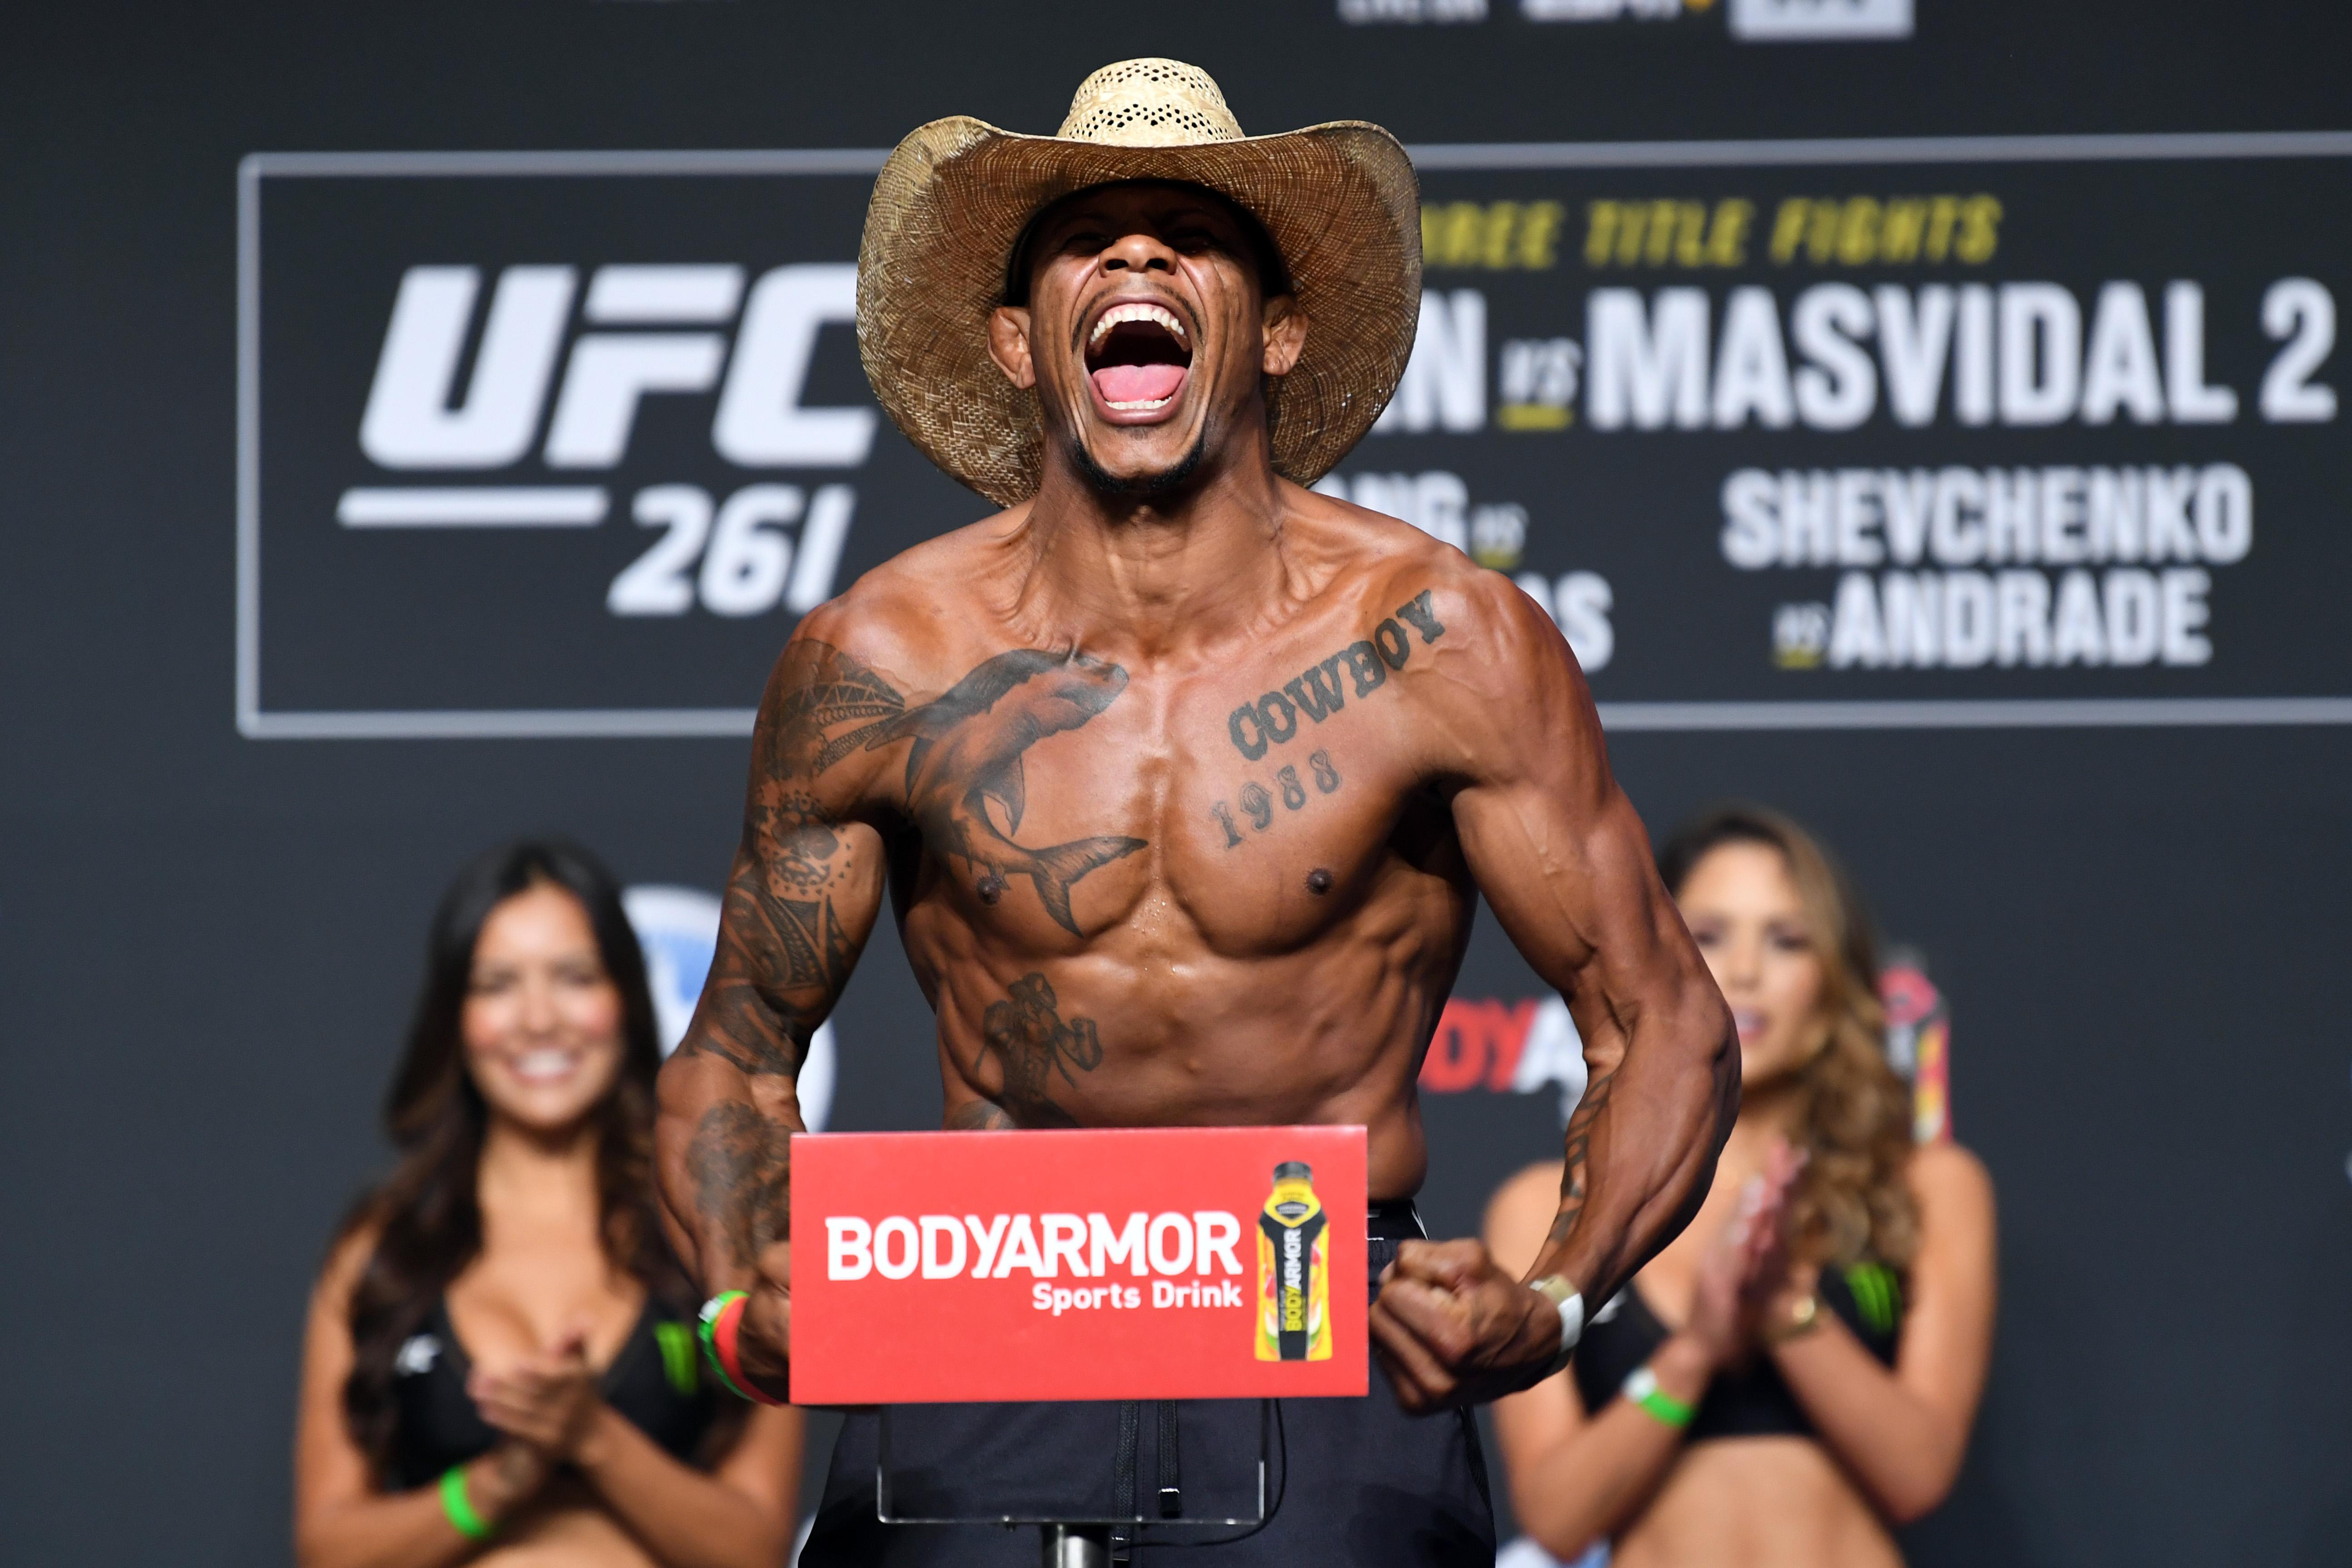 UFC 261 Weigh-in